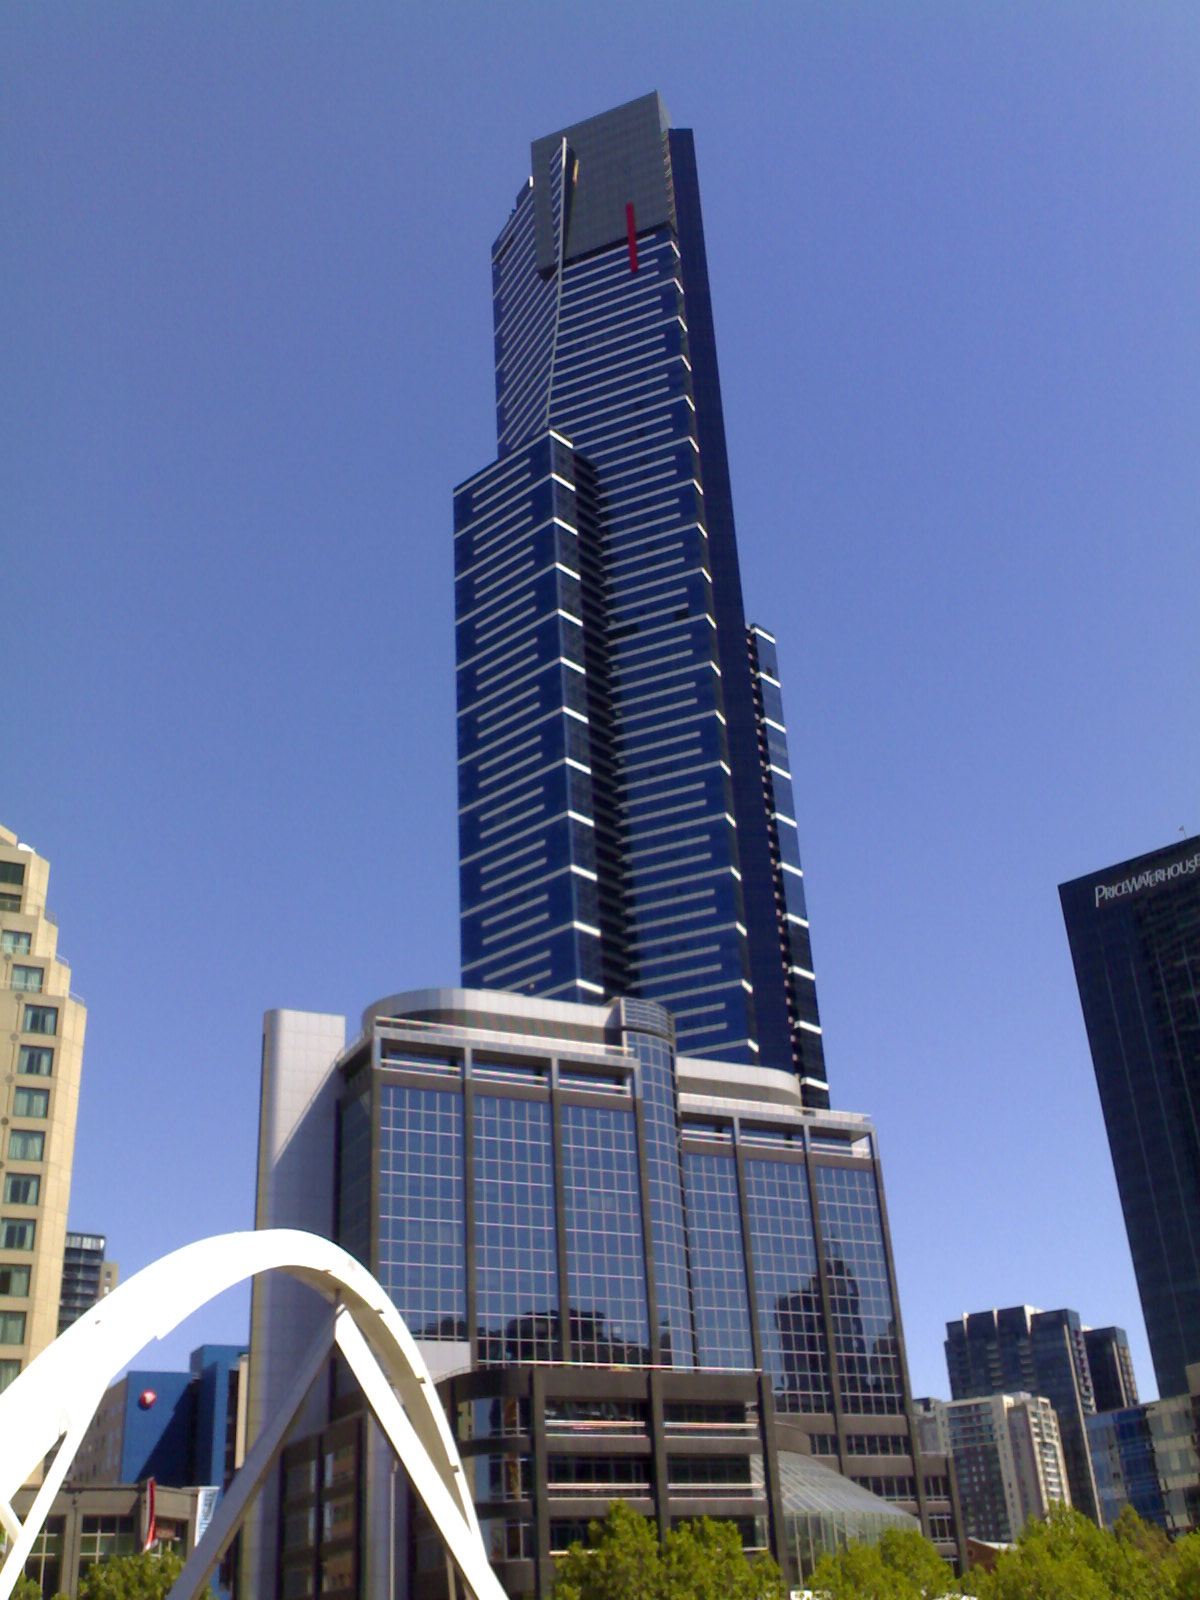 Melbourne City Tallest Building